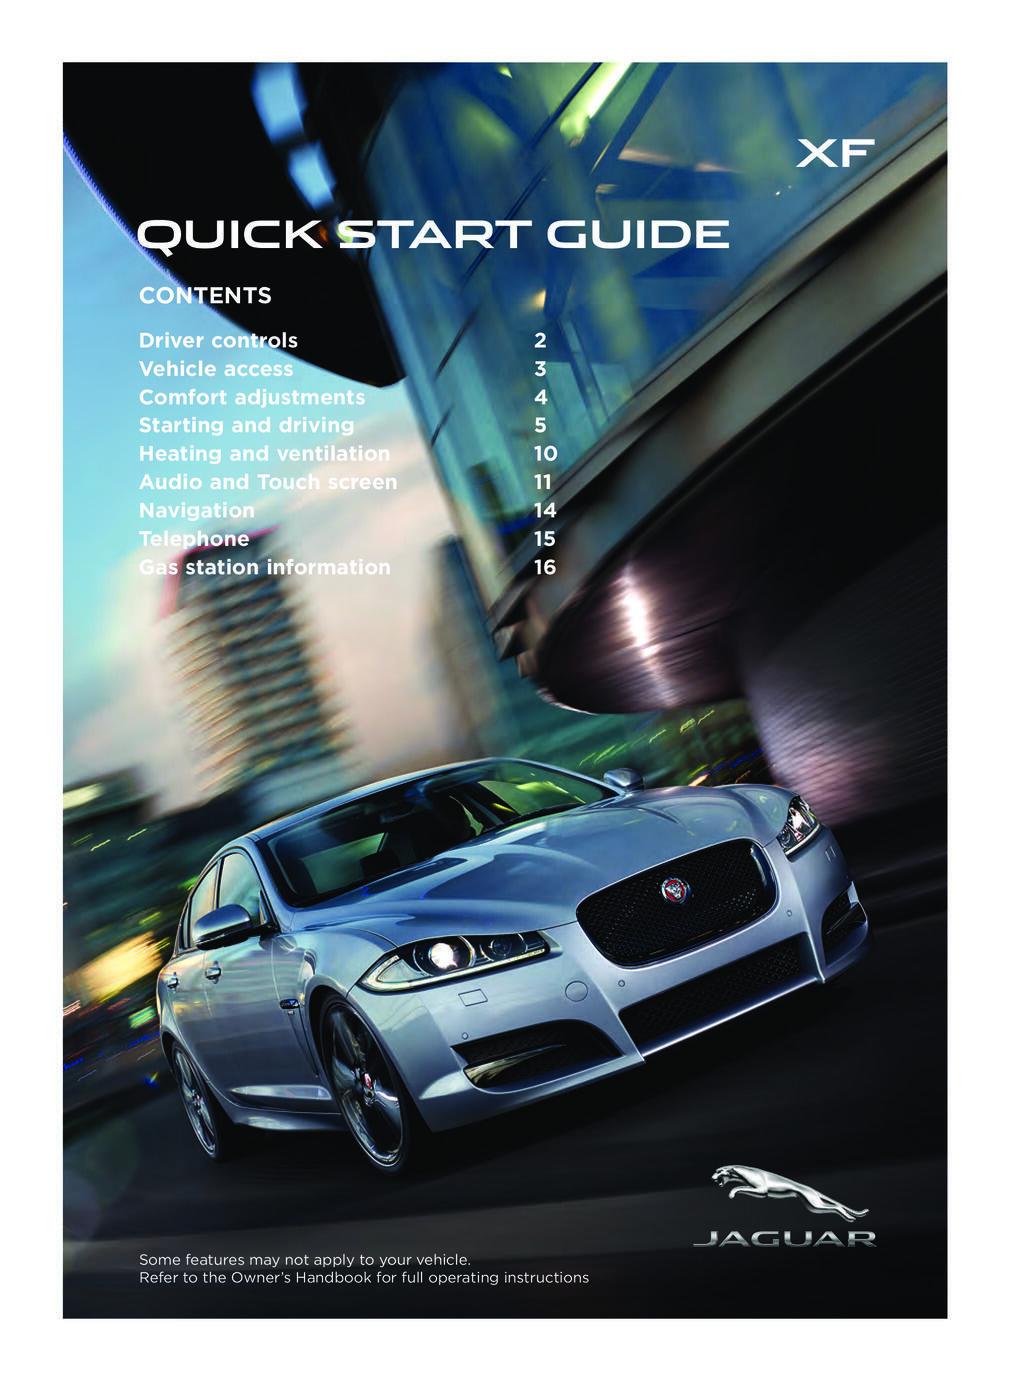 2015 Jaguar Xf owners manual